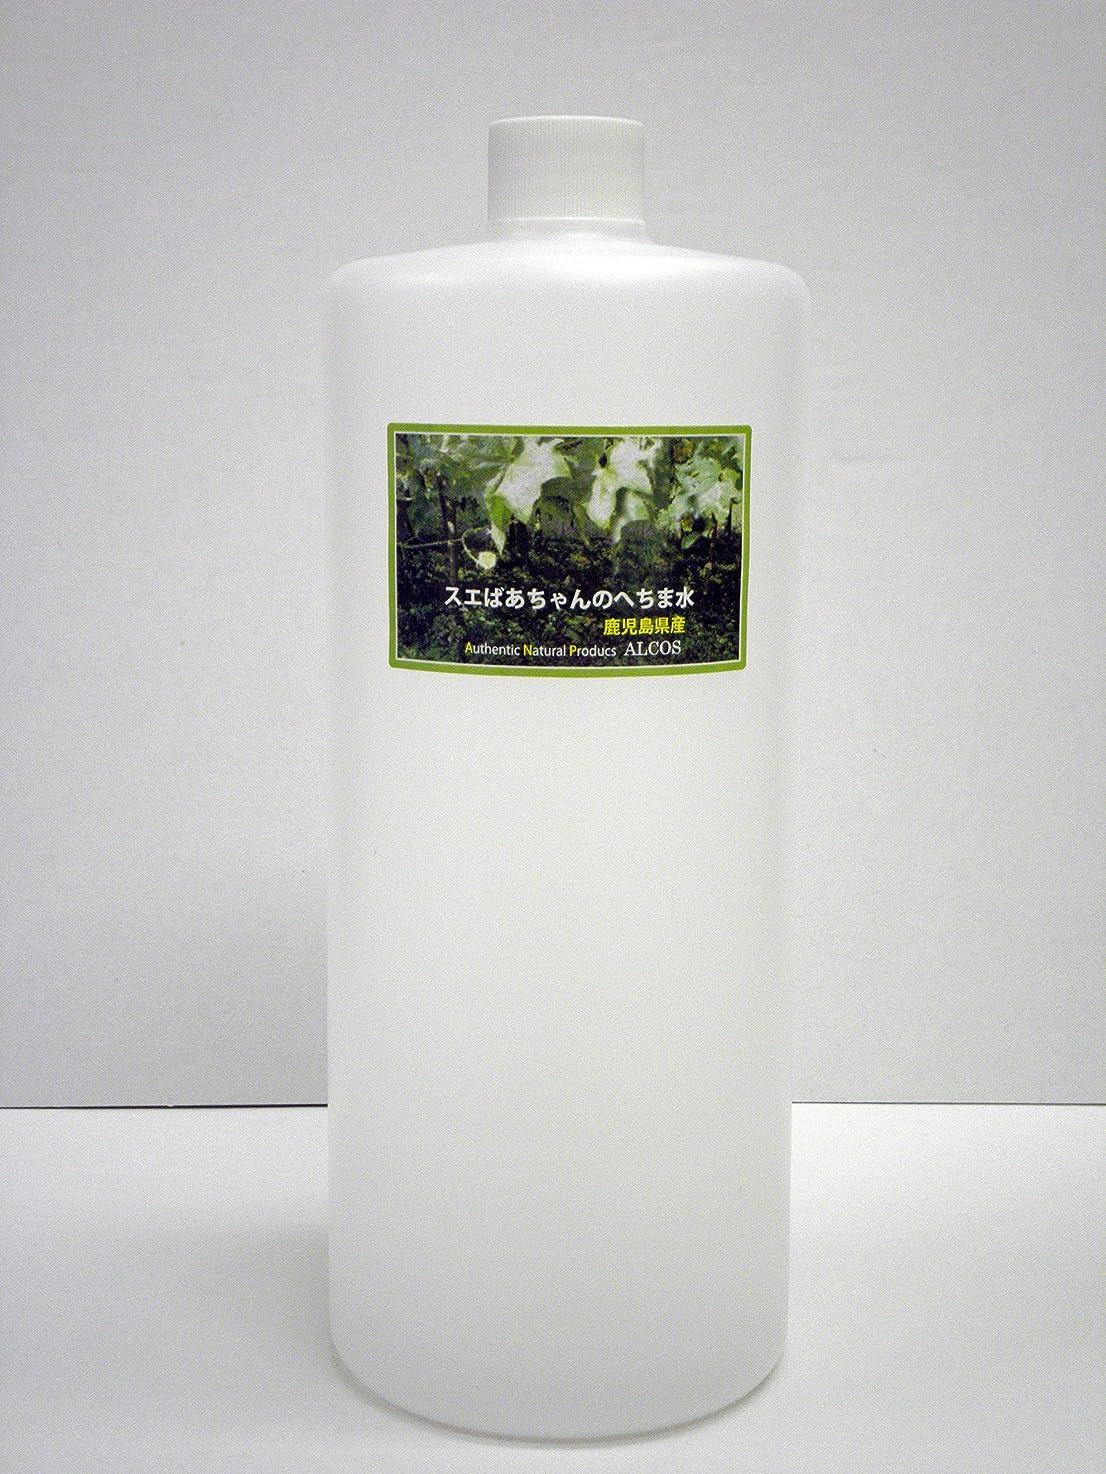 サンダルラフ睡眠朝ごはんスエばあちゃんのへちま水(容量1000ml)鹿児島県産?有機栽培(無農薬) ※完全無添加オーガニックヘチマ水100% ※商品のラベルはスエばあちゃんのへちま畑の写真です。ALCOS(アルコス) 天然へちま水 [1000]